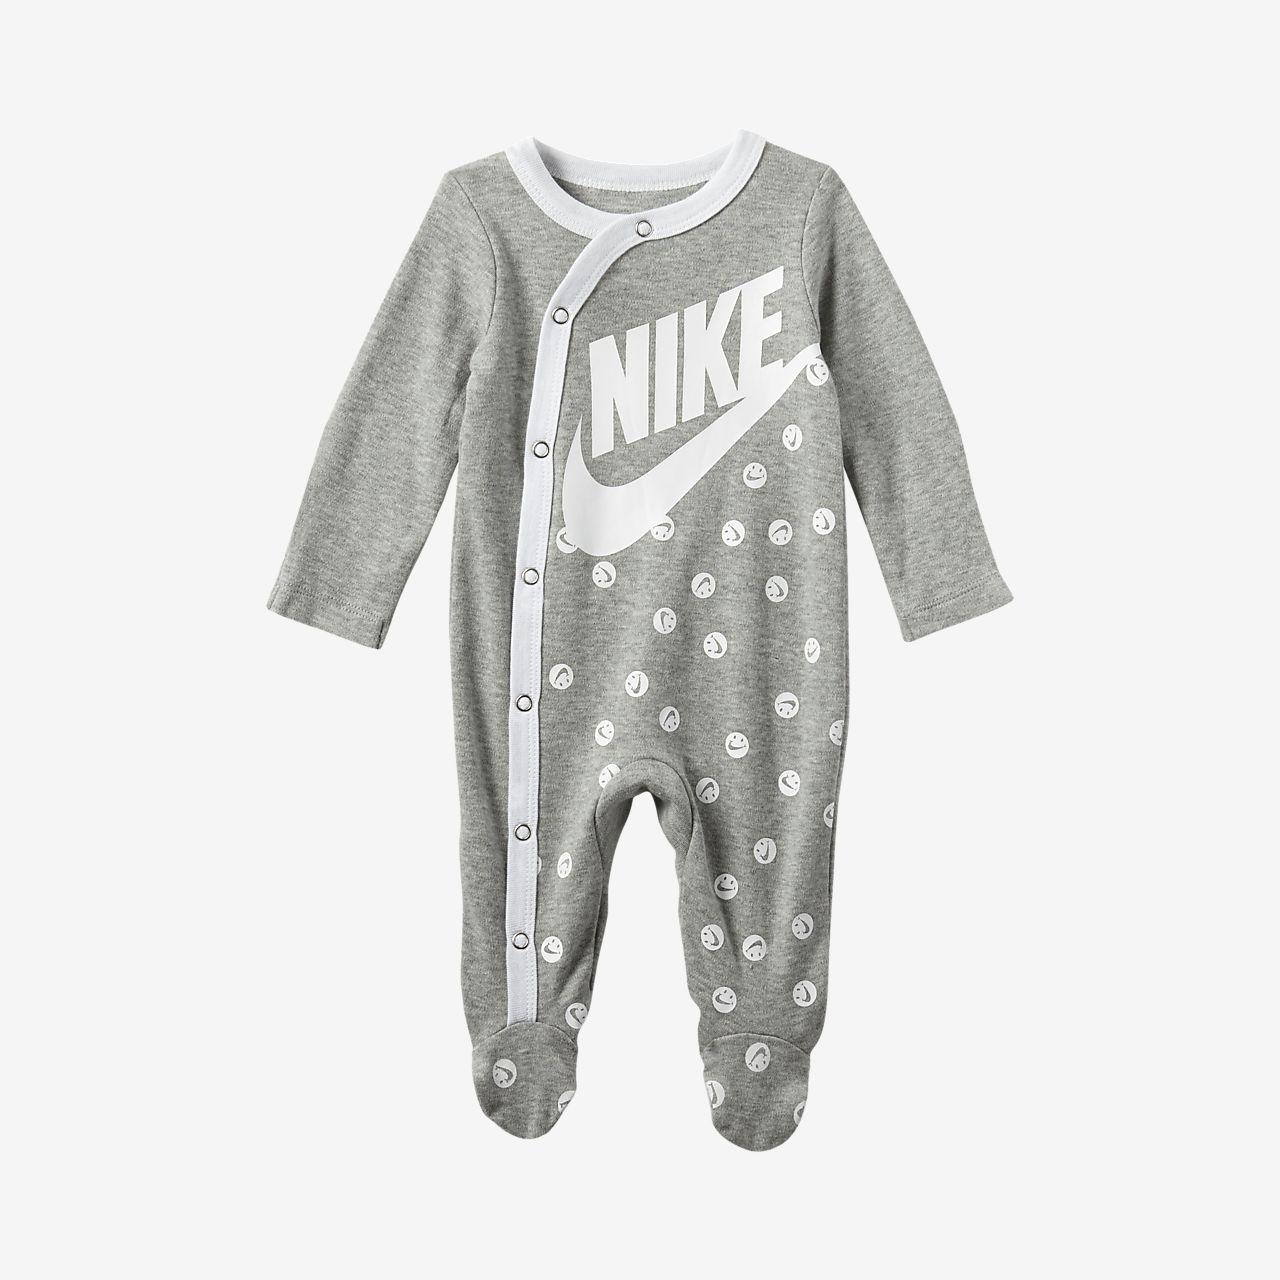 Nike hosszú ujjú, lábfejrésszel ellátott rugdalózó babáknak (0-9 hónapos)